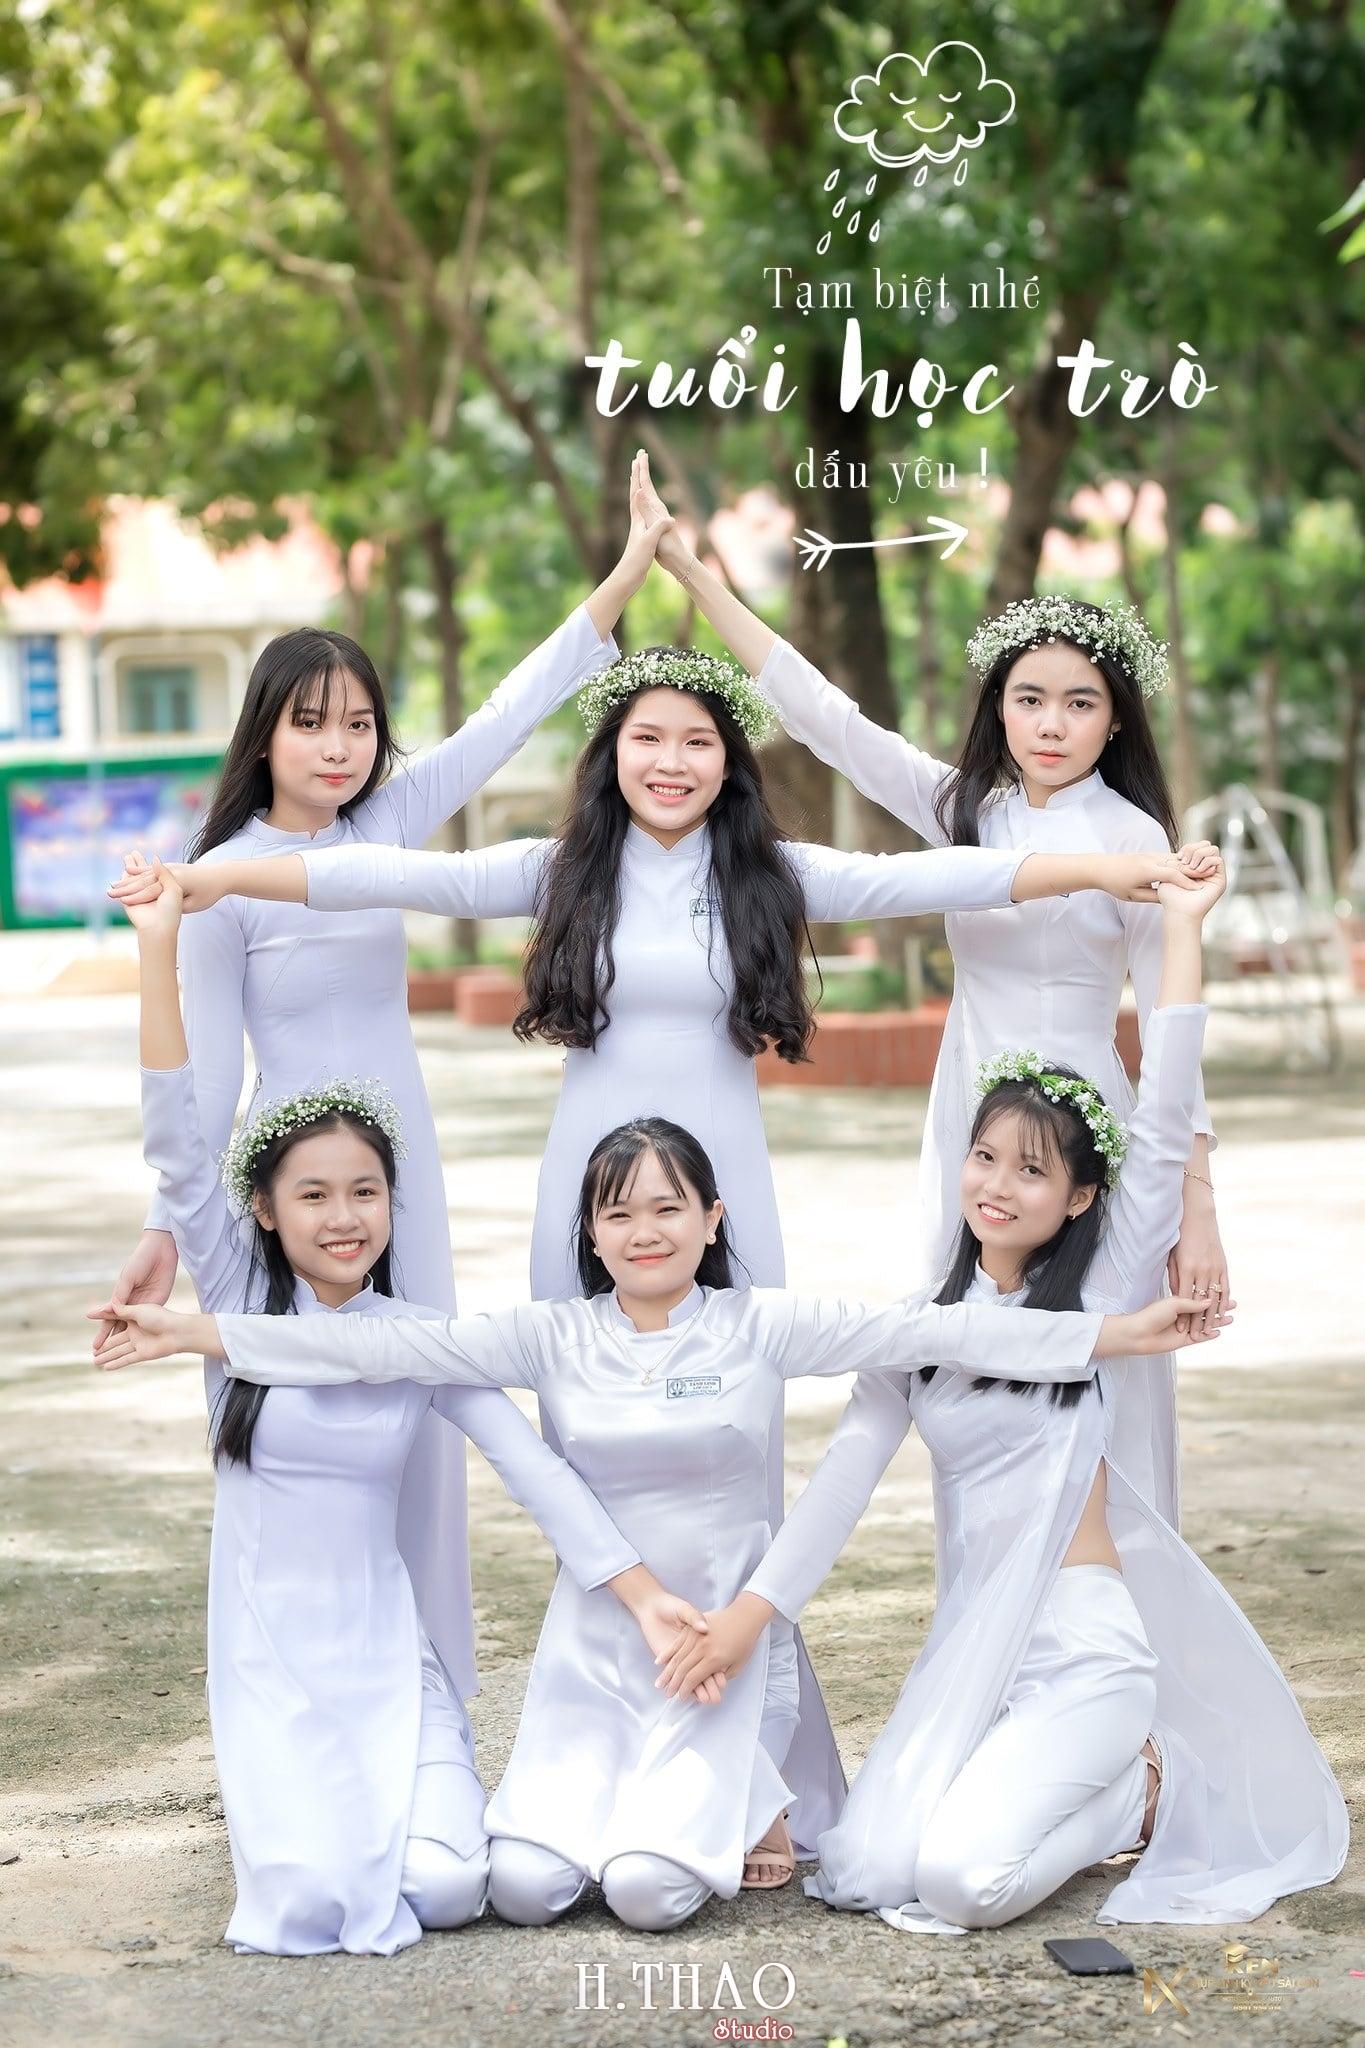 Ao dai nhom dep 17 - 30+ cách tạo dáng chụp ảnh áo dài nhóm đẹp miễn chê – HThao Studio